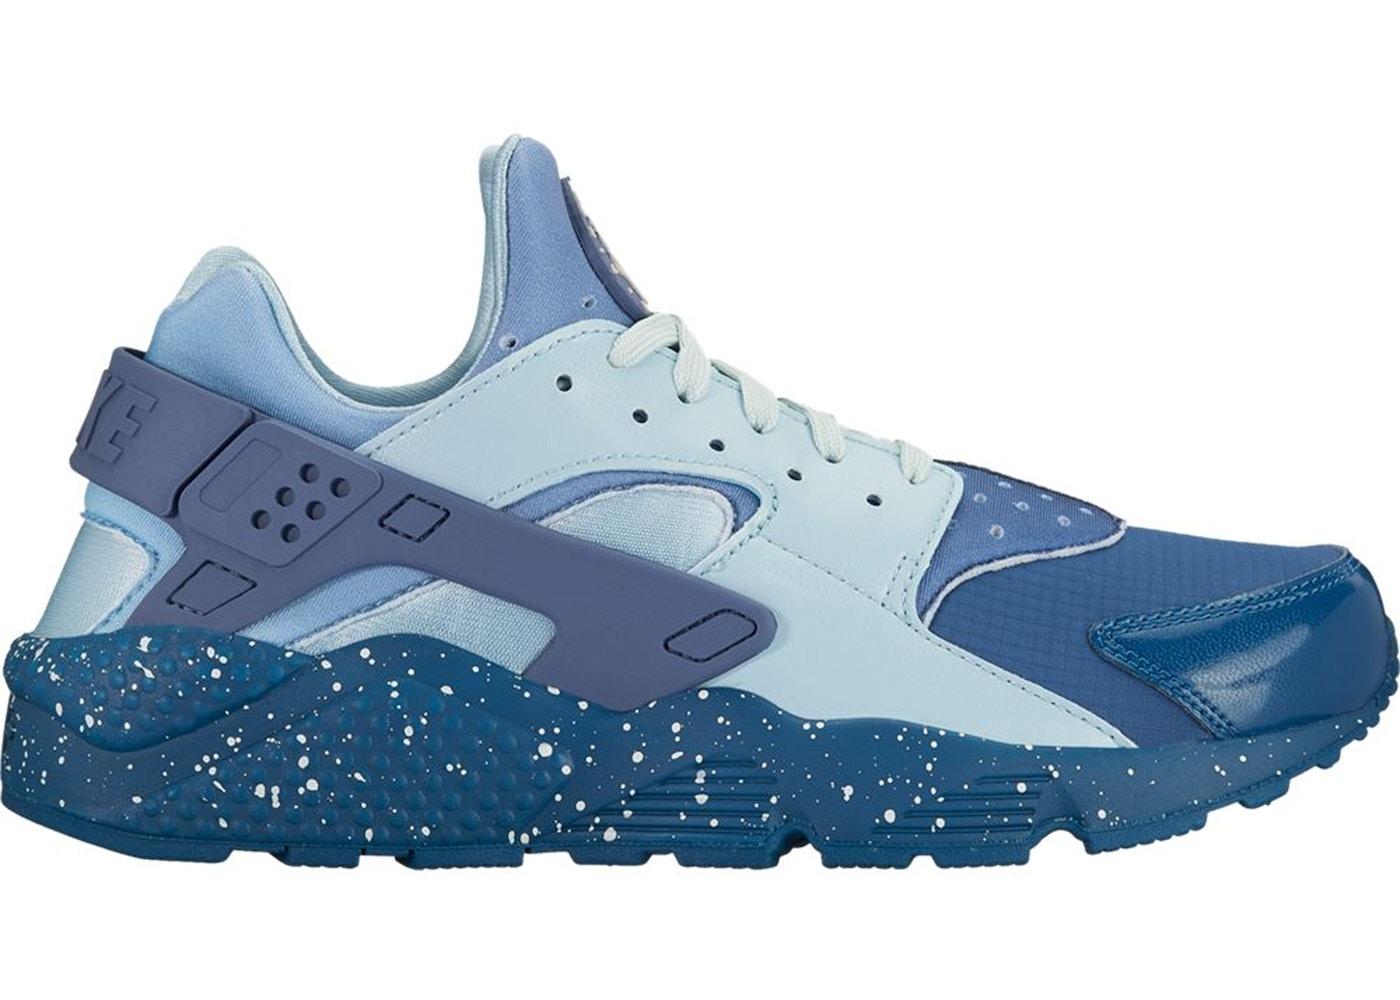 Nike Air Huarache Run Blue Force